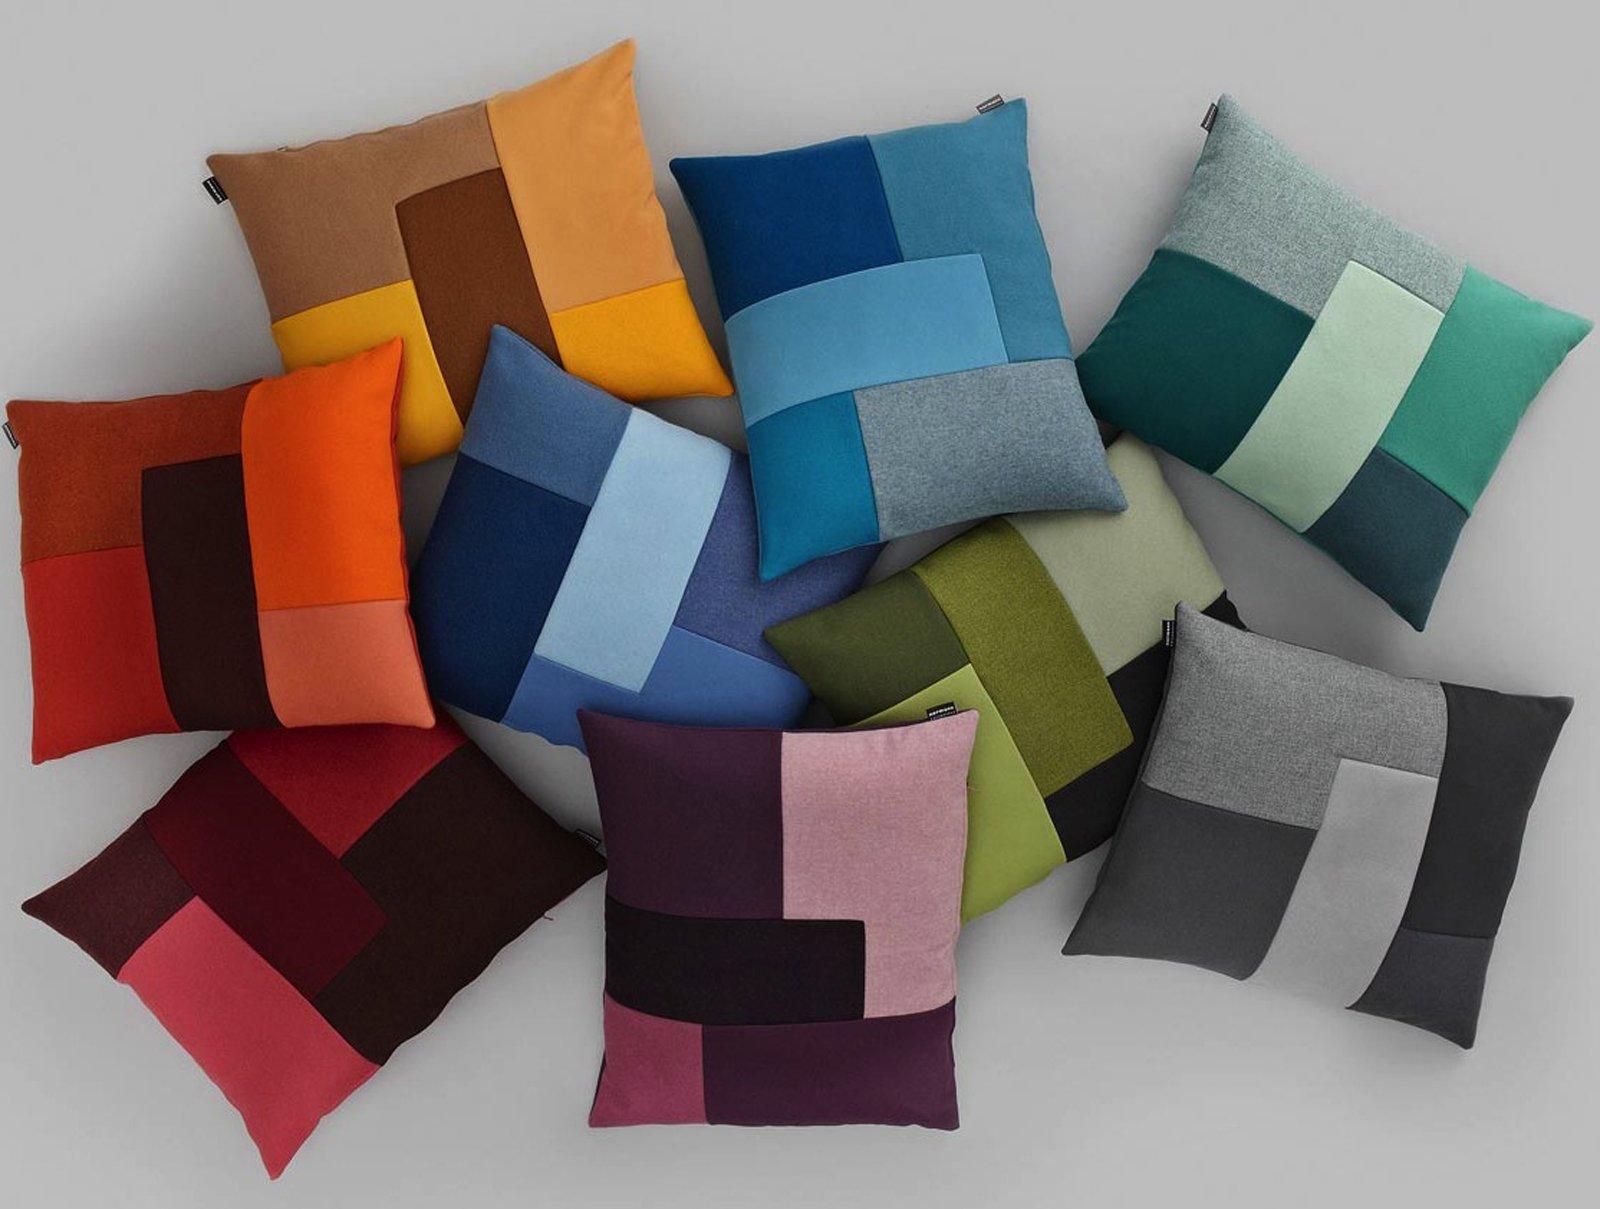 Cuscini per cambiare look alla casa cose di casa - Cuscini per divani design ...